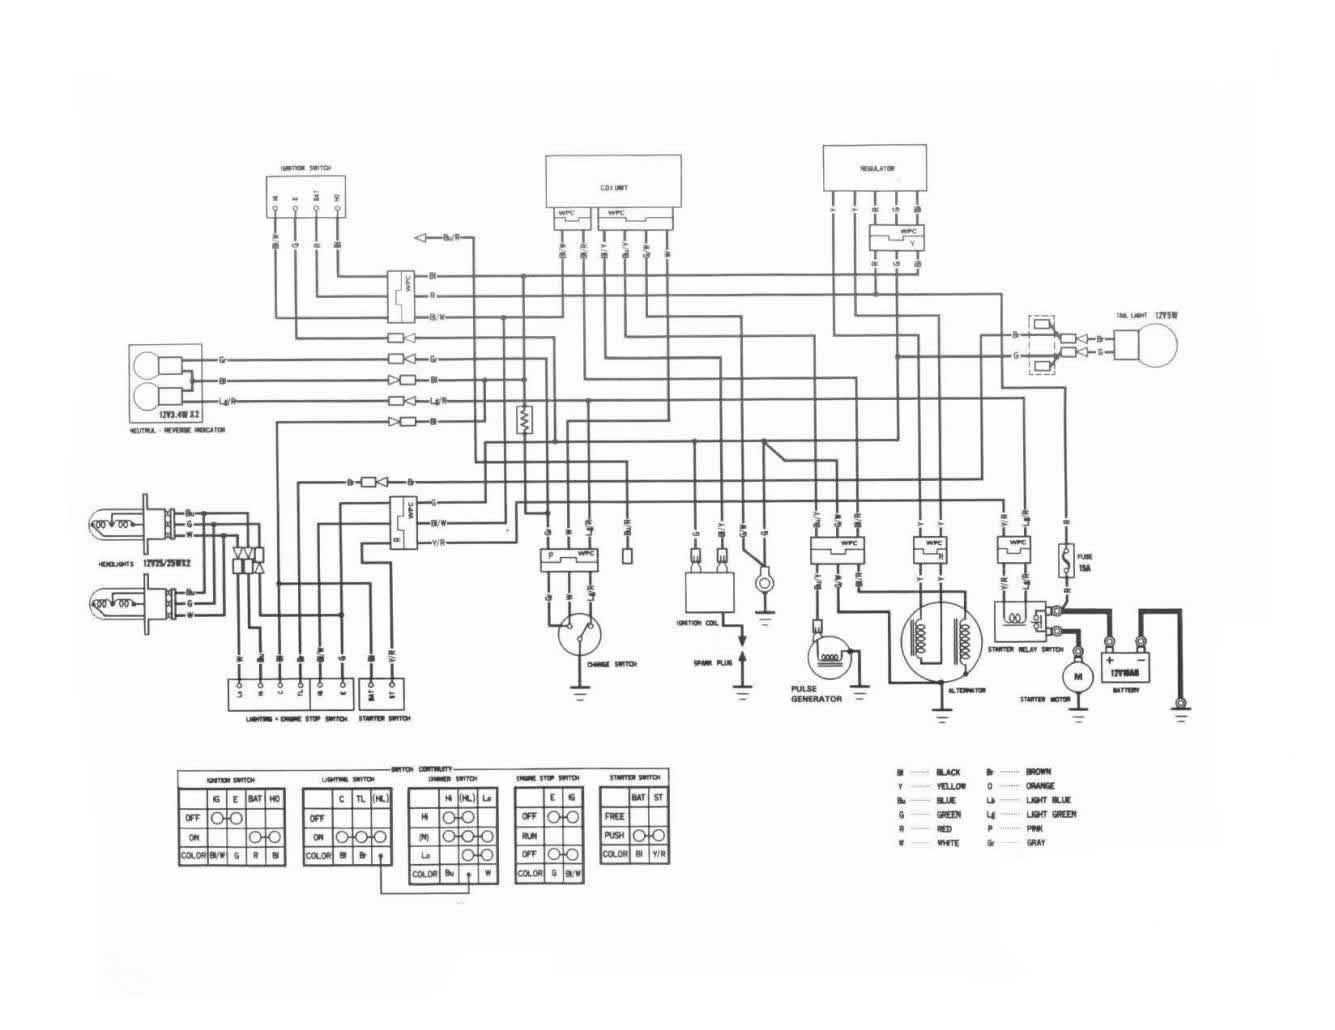 hight resolution of 300 fourtrax wiring diagram smart wiring diagrams u2022 rh emgsolutions co honda odyssey atv wiring diagram